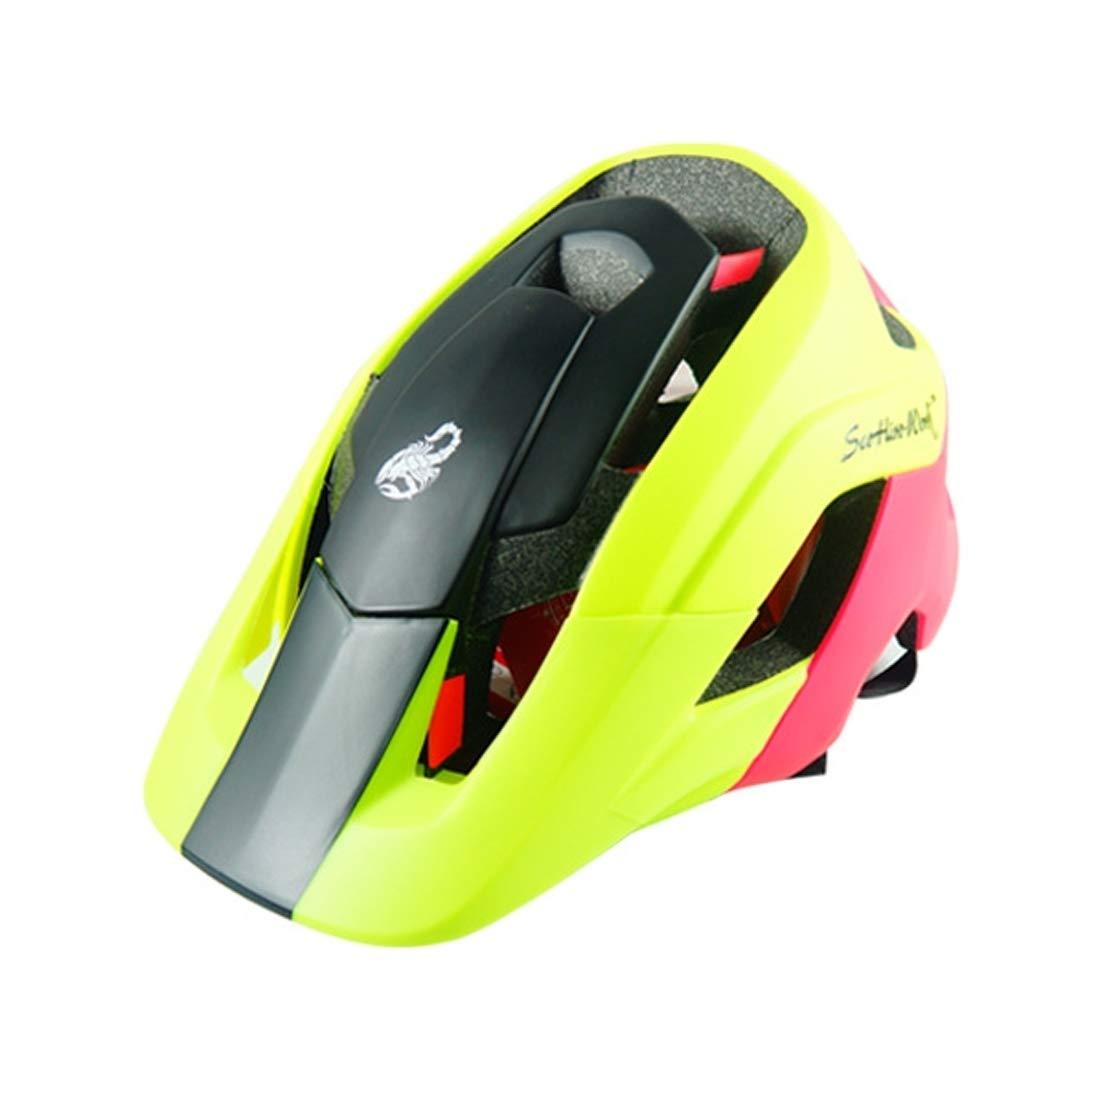 マウンテンバイク用保護ヘルメット、アウトドアスポーツに適したヘッドの周囲の長さ:58-53 cm、サイズ:L, (SKU : Og8006by) Og8006by  B07MXCVJHZ